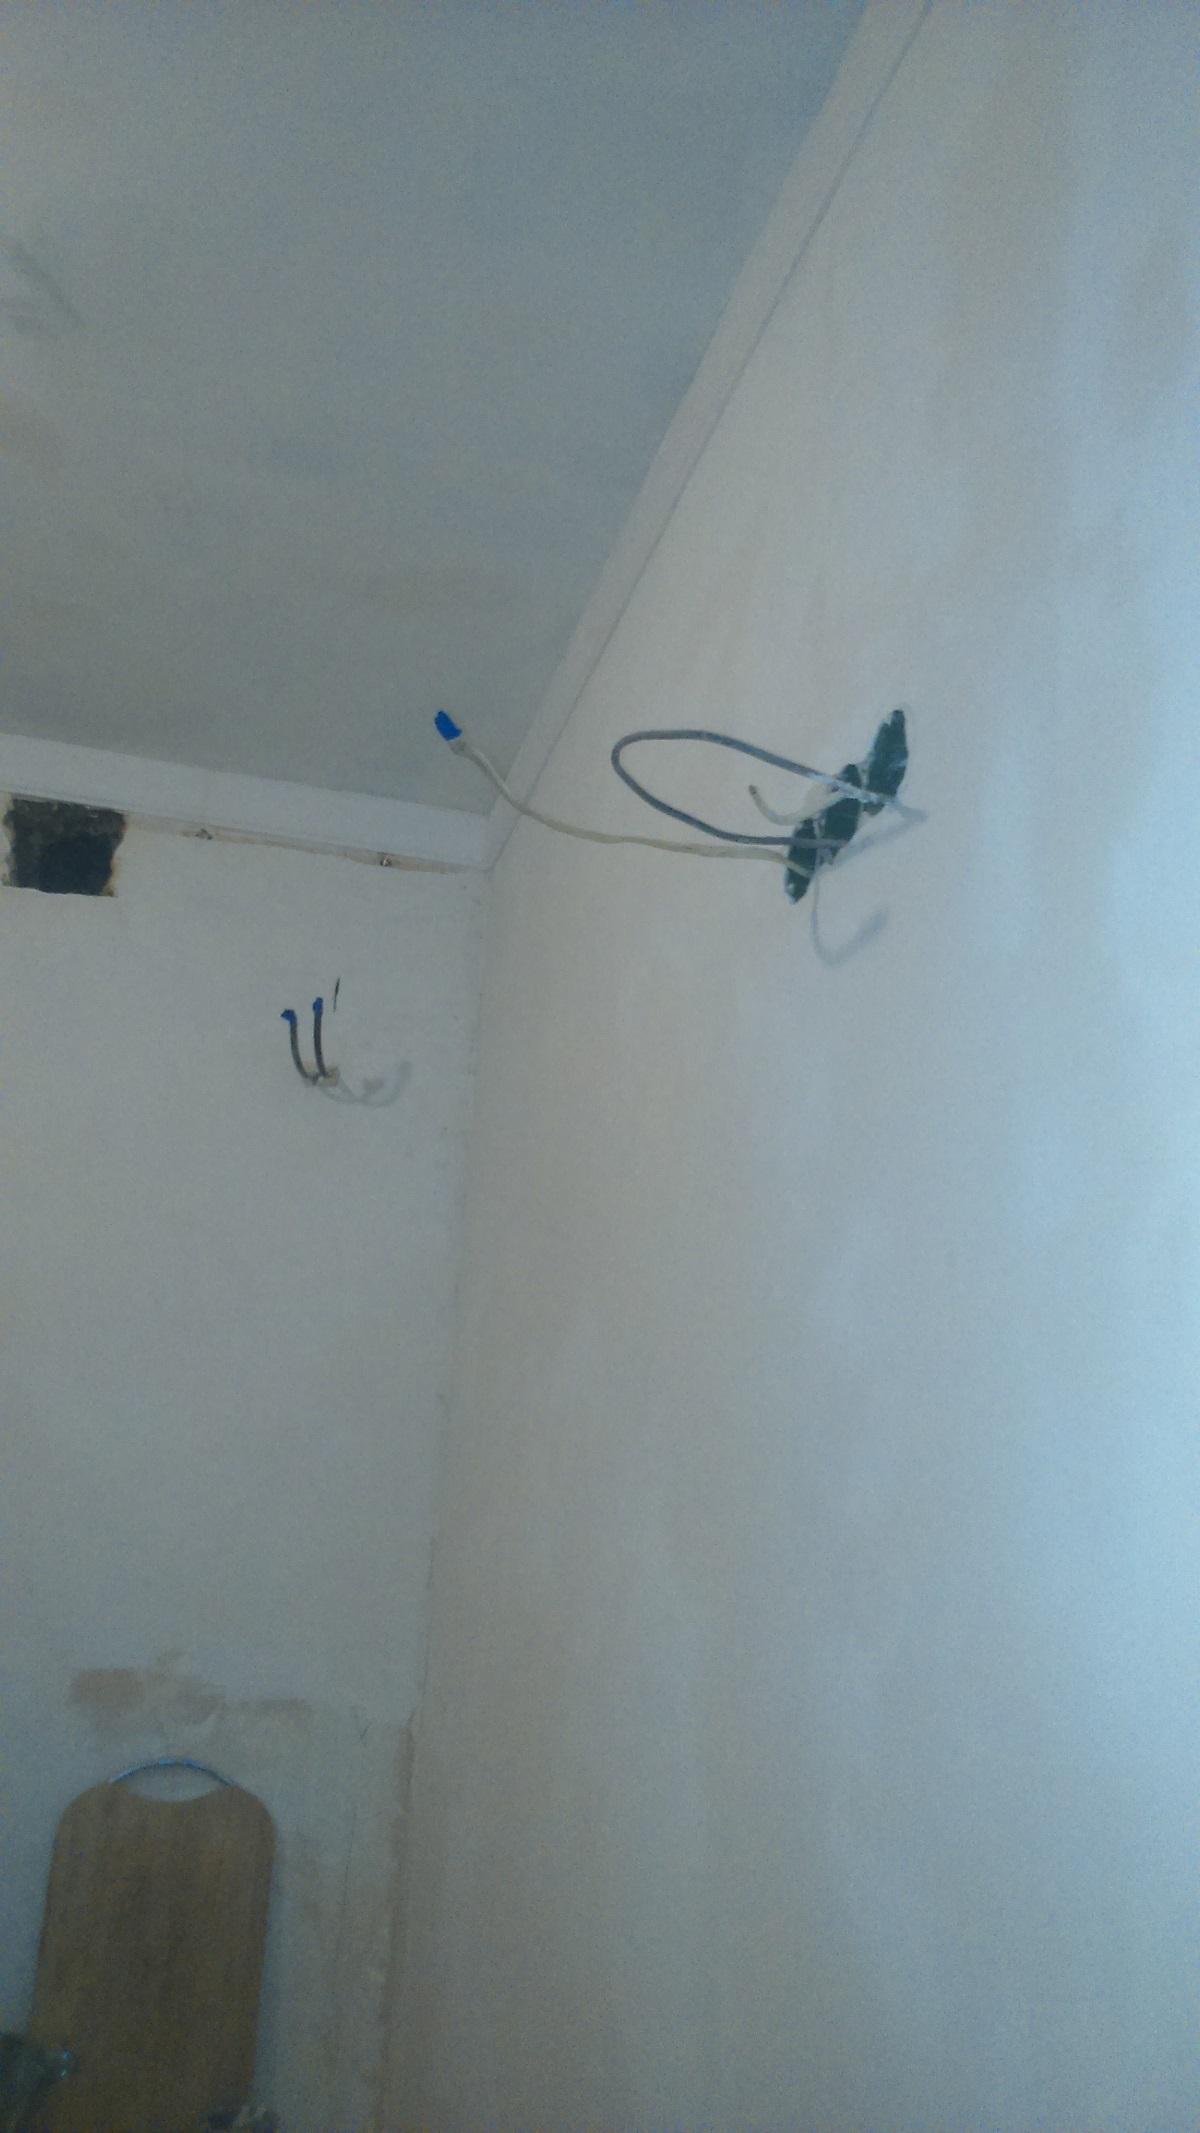 фото:Источники света. Монтаж проводки и теплого пола.